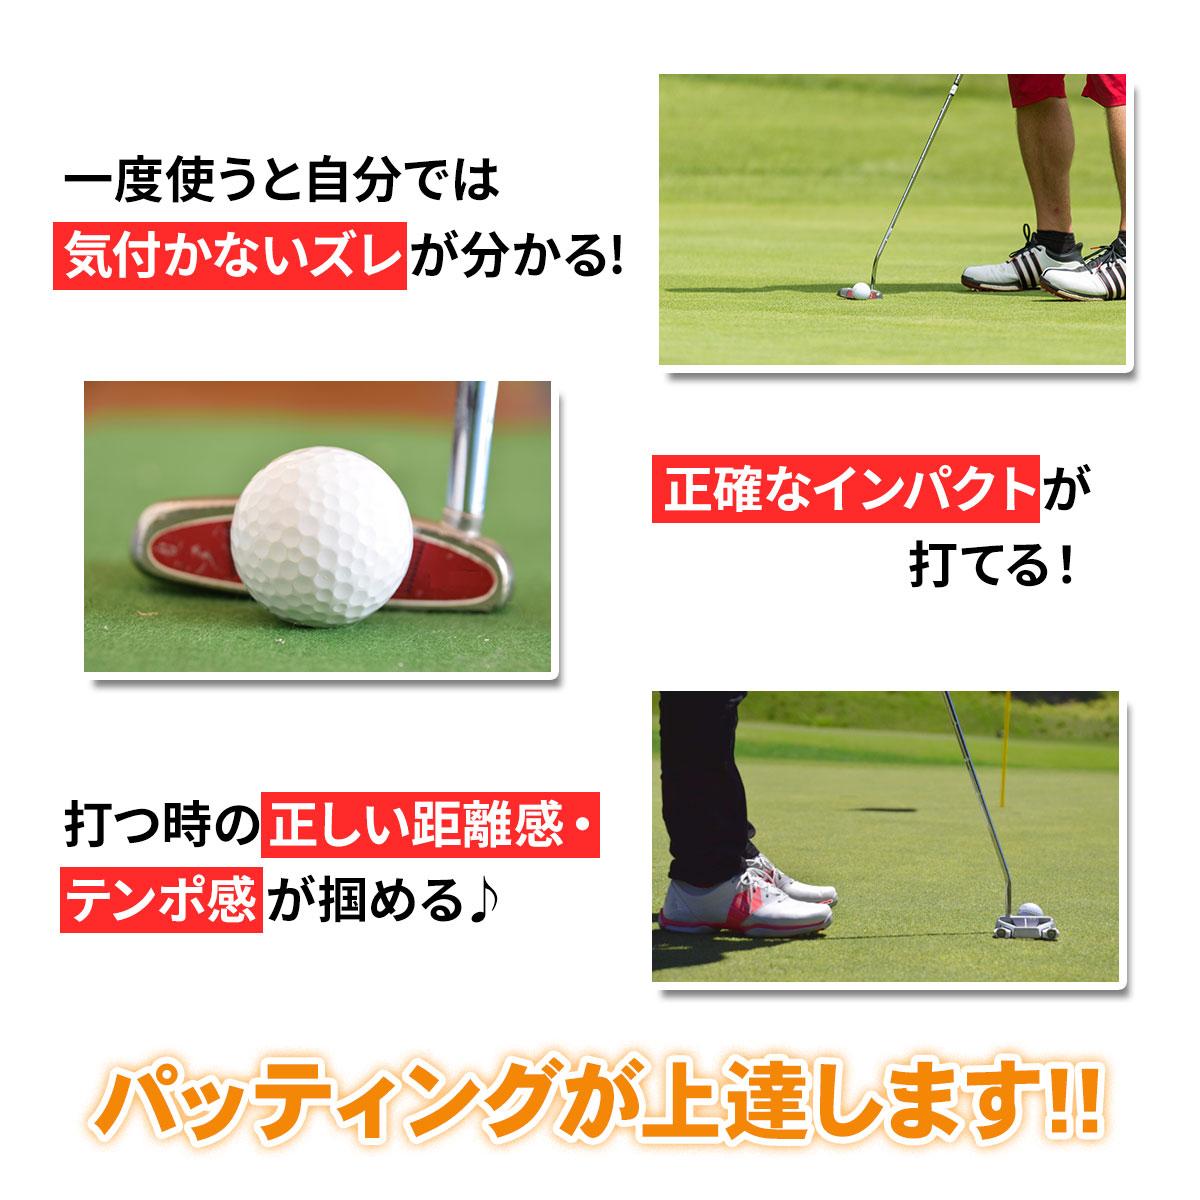 パッティングミラー ゴルフ パター 練習 鏡 パター矯正